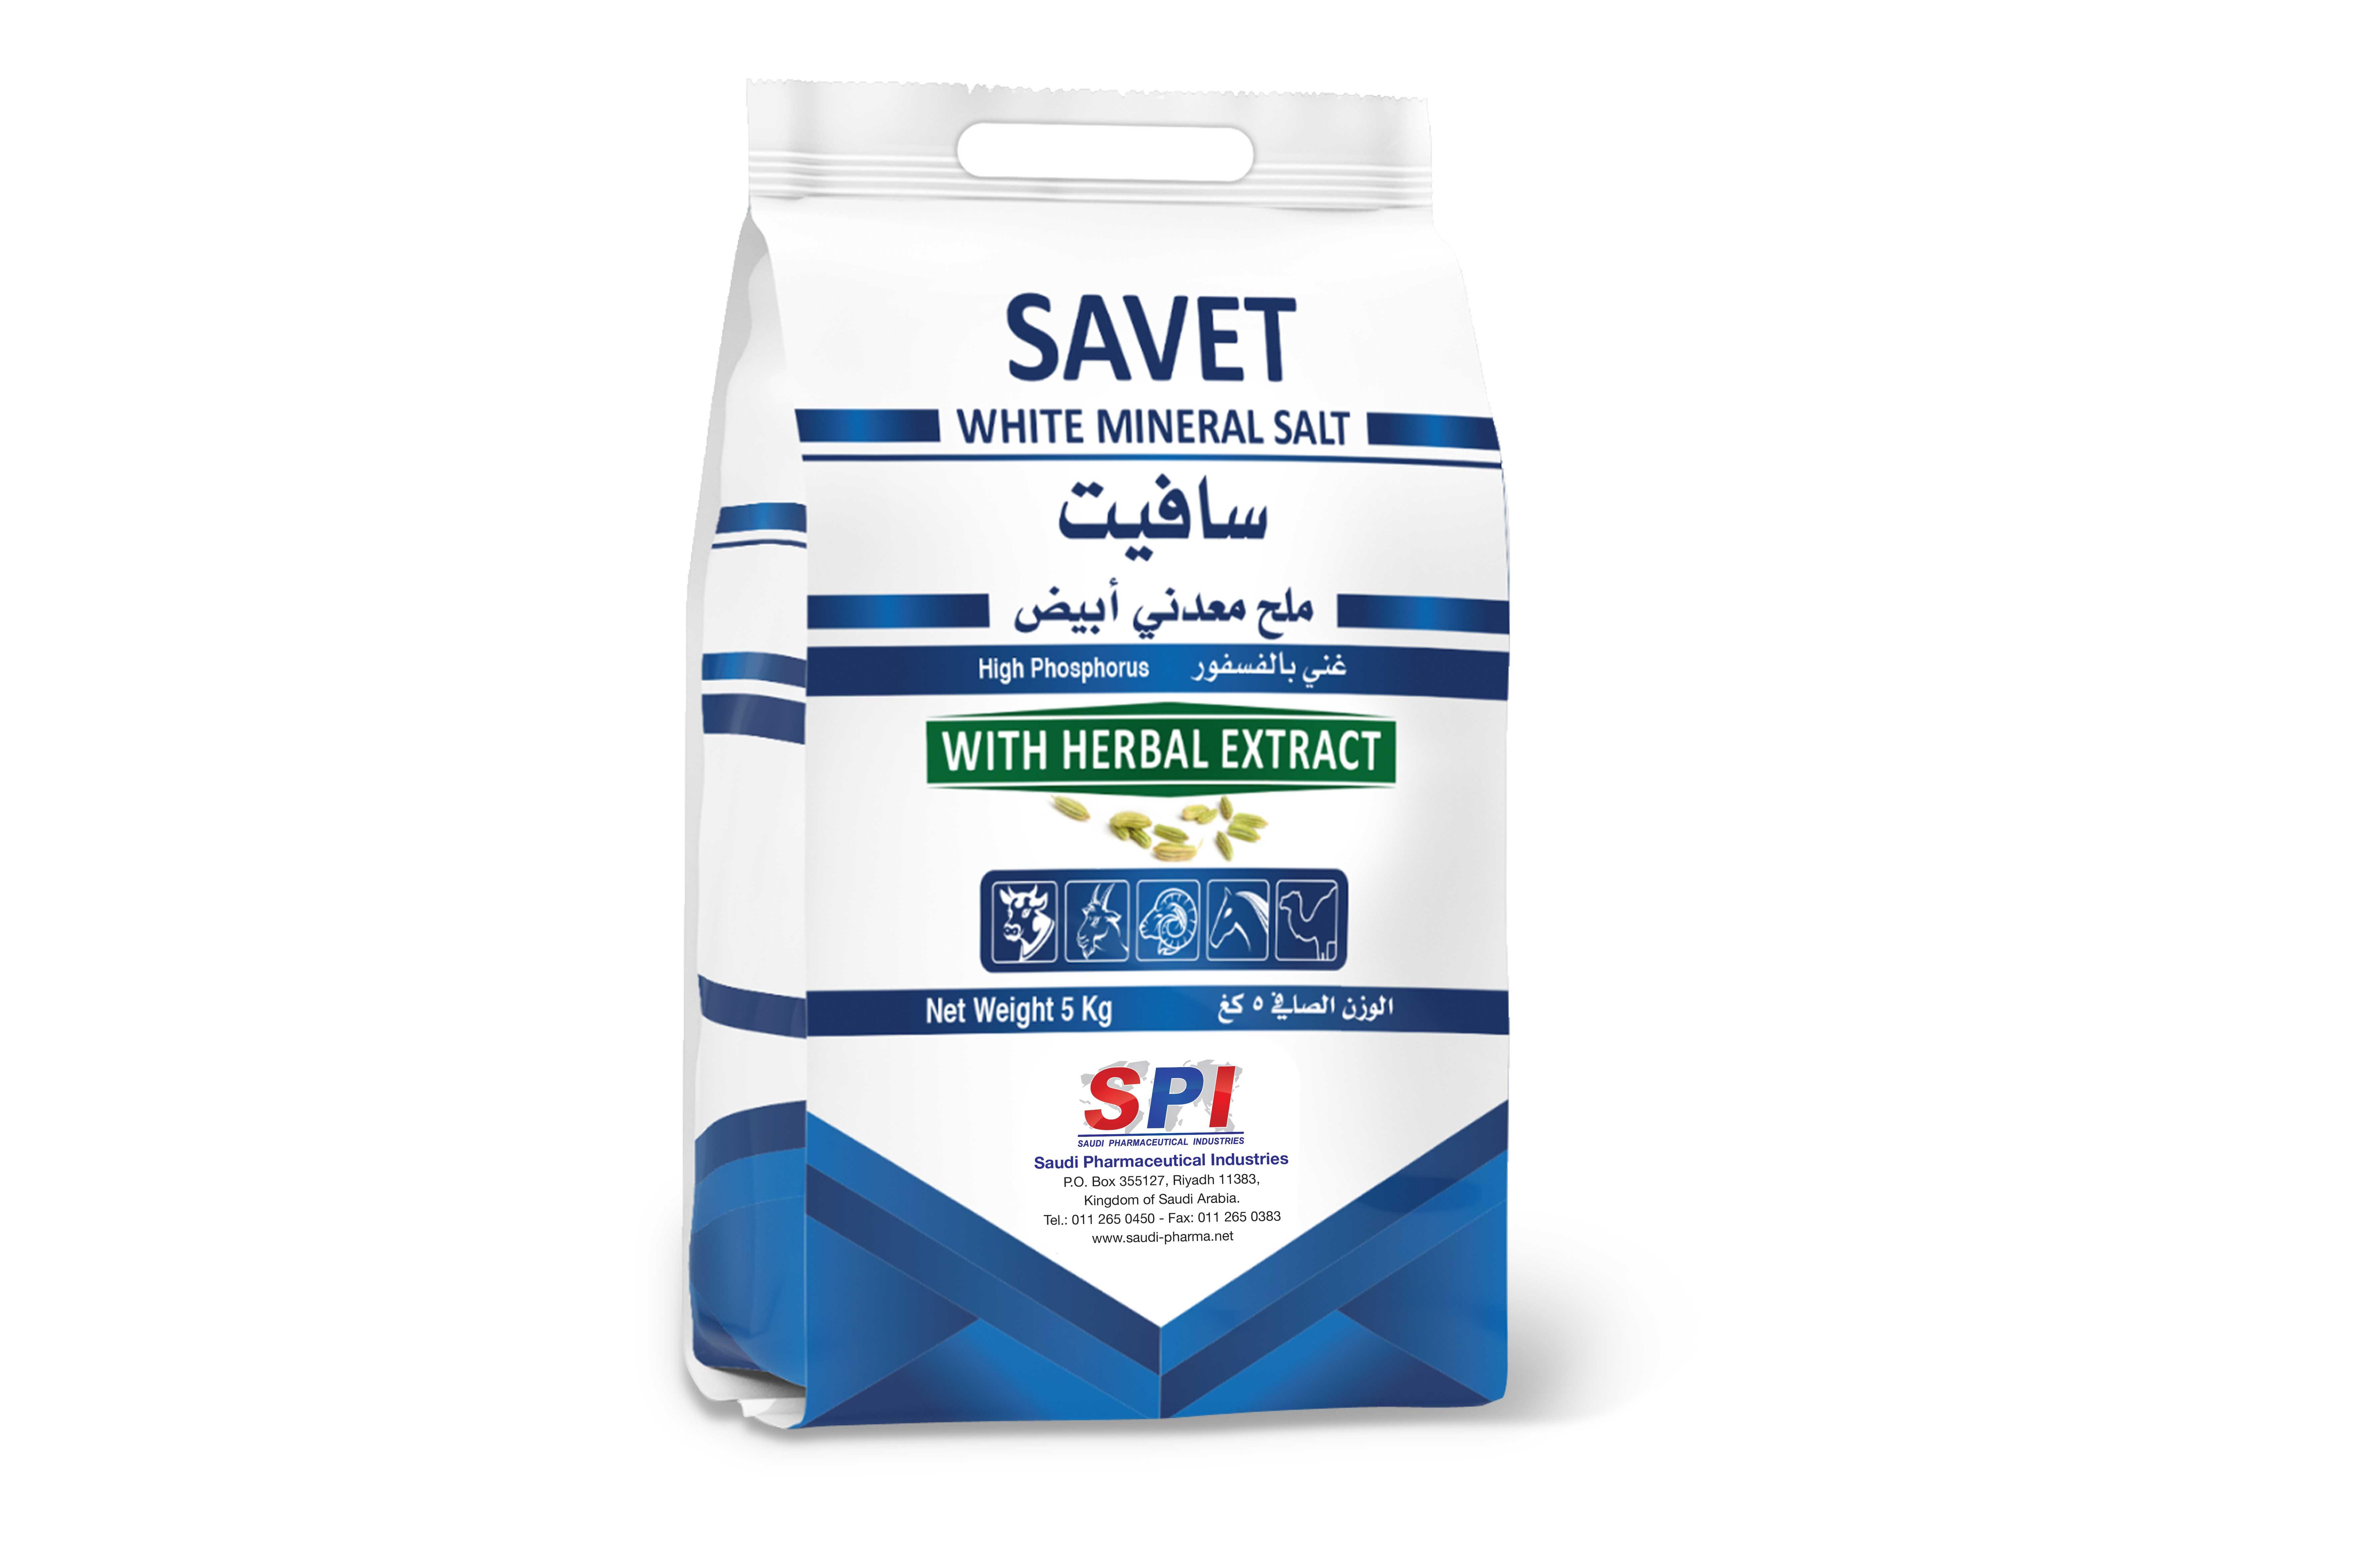 SAVET - White Mineral Salt 5 kg